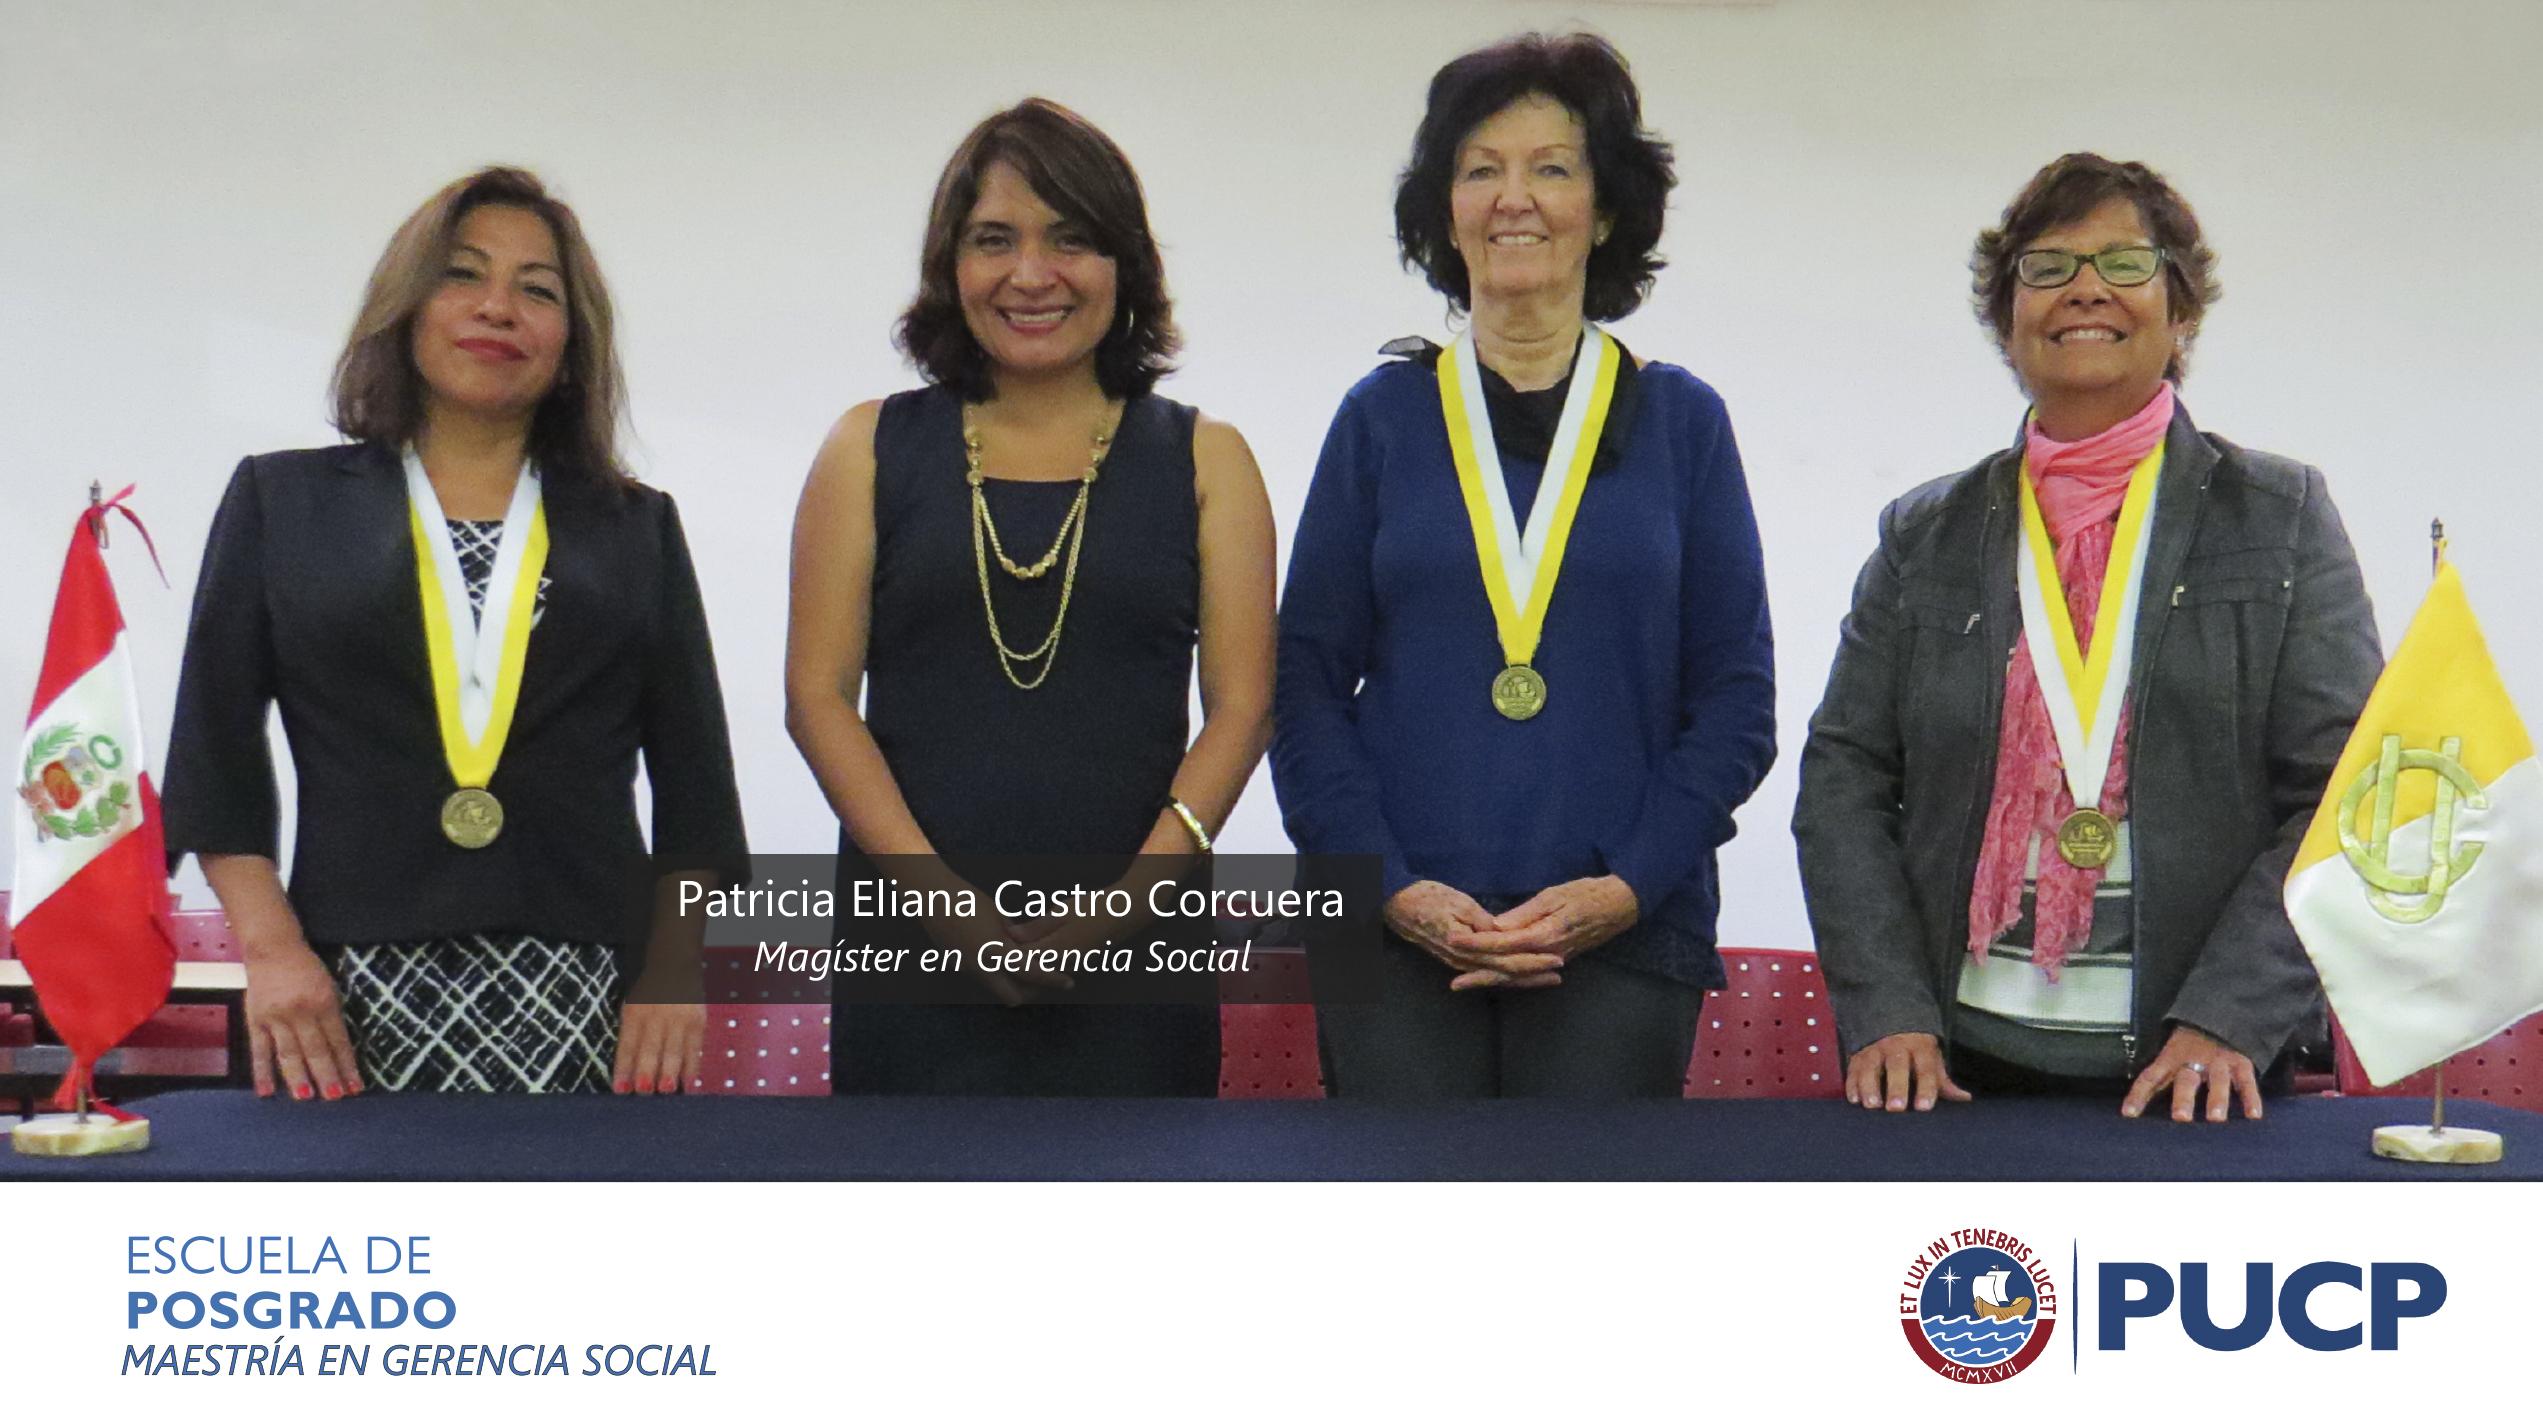 Sustentación Patricia Eliana Castro Corcuera